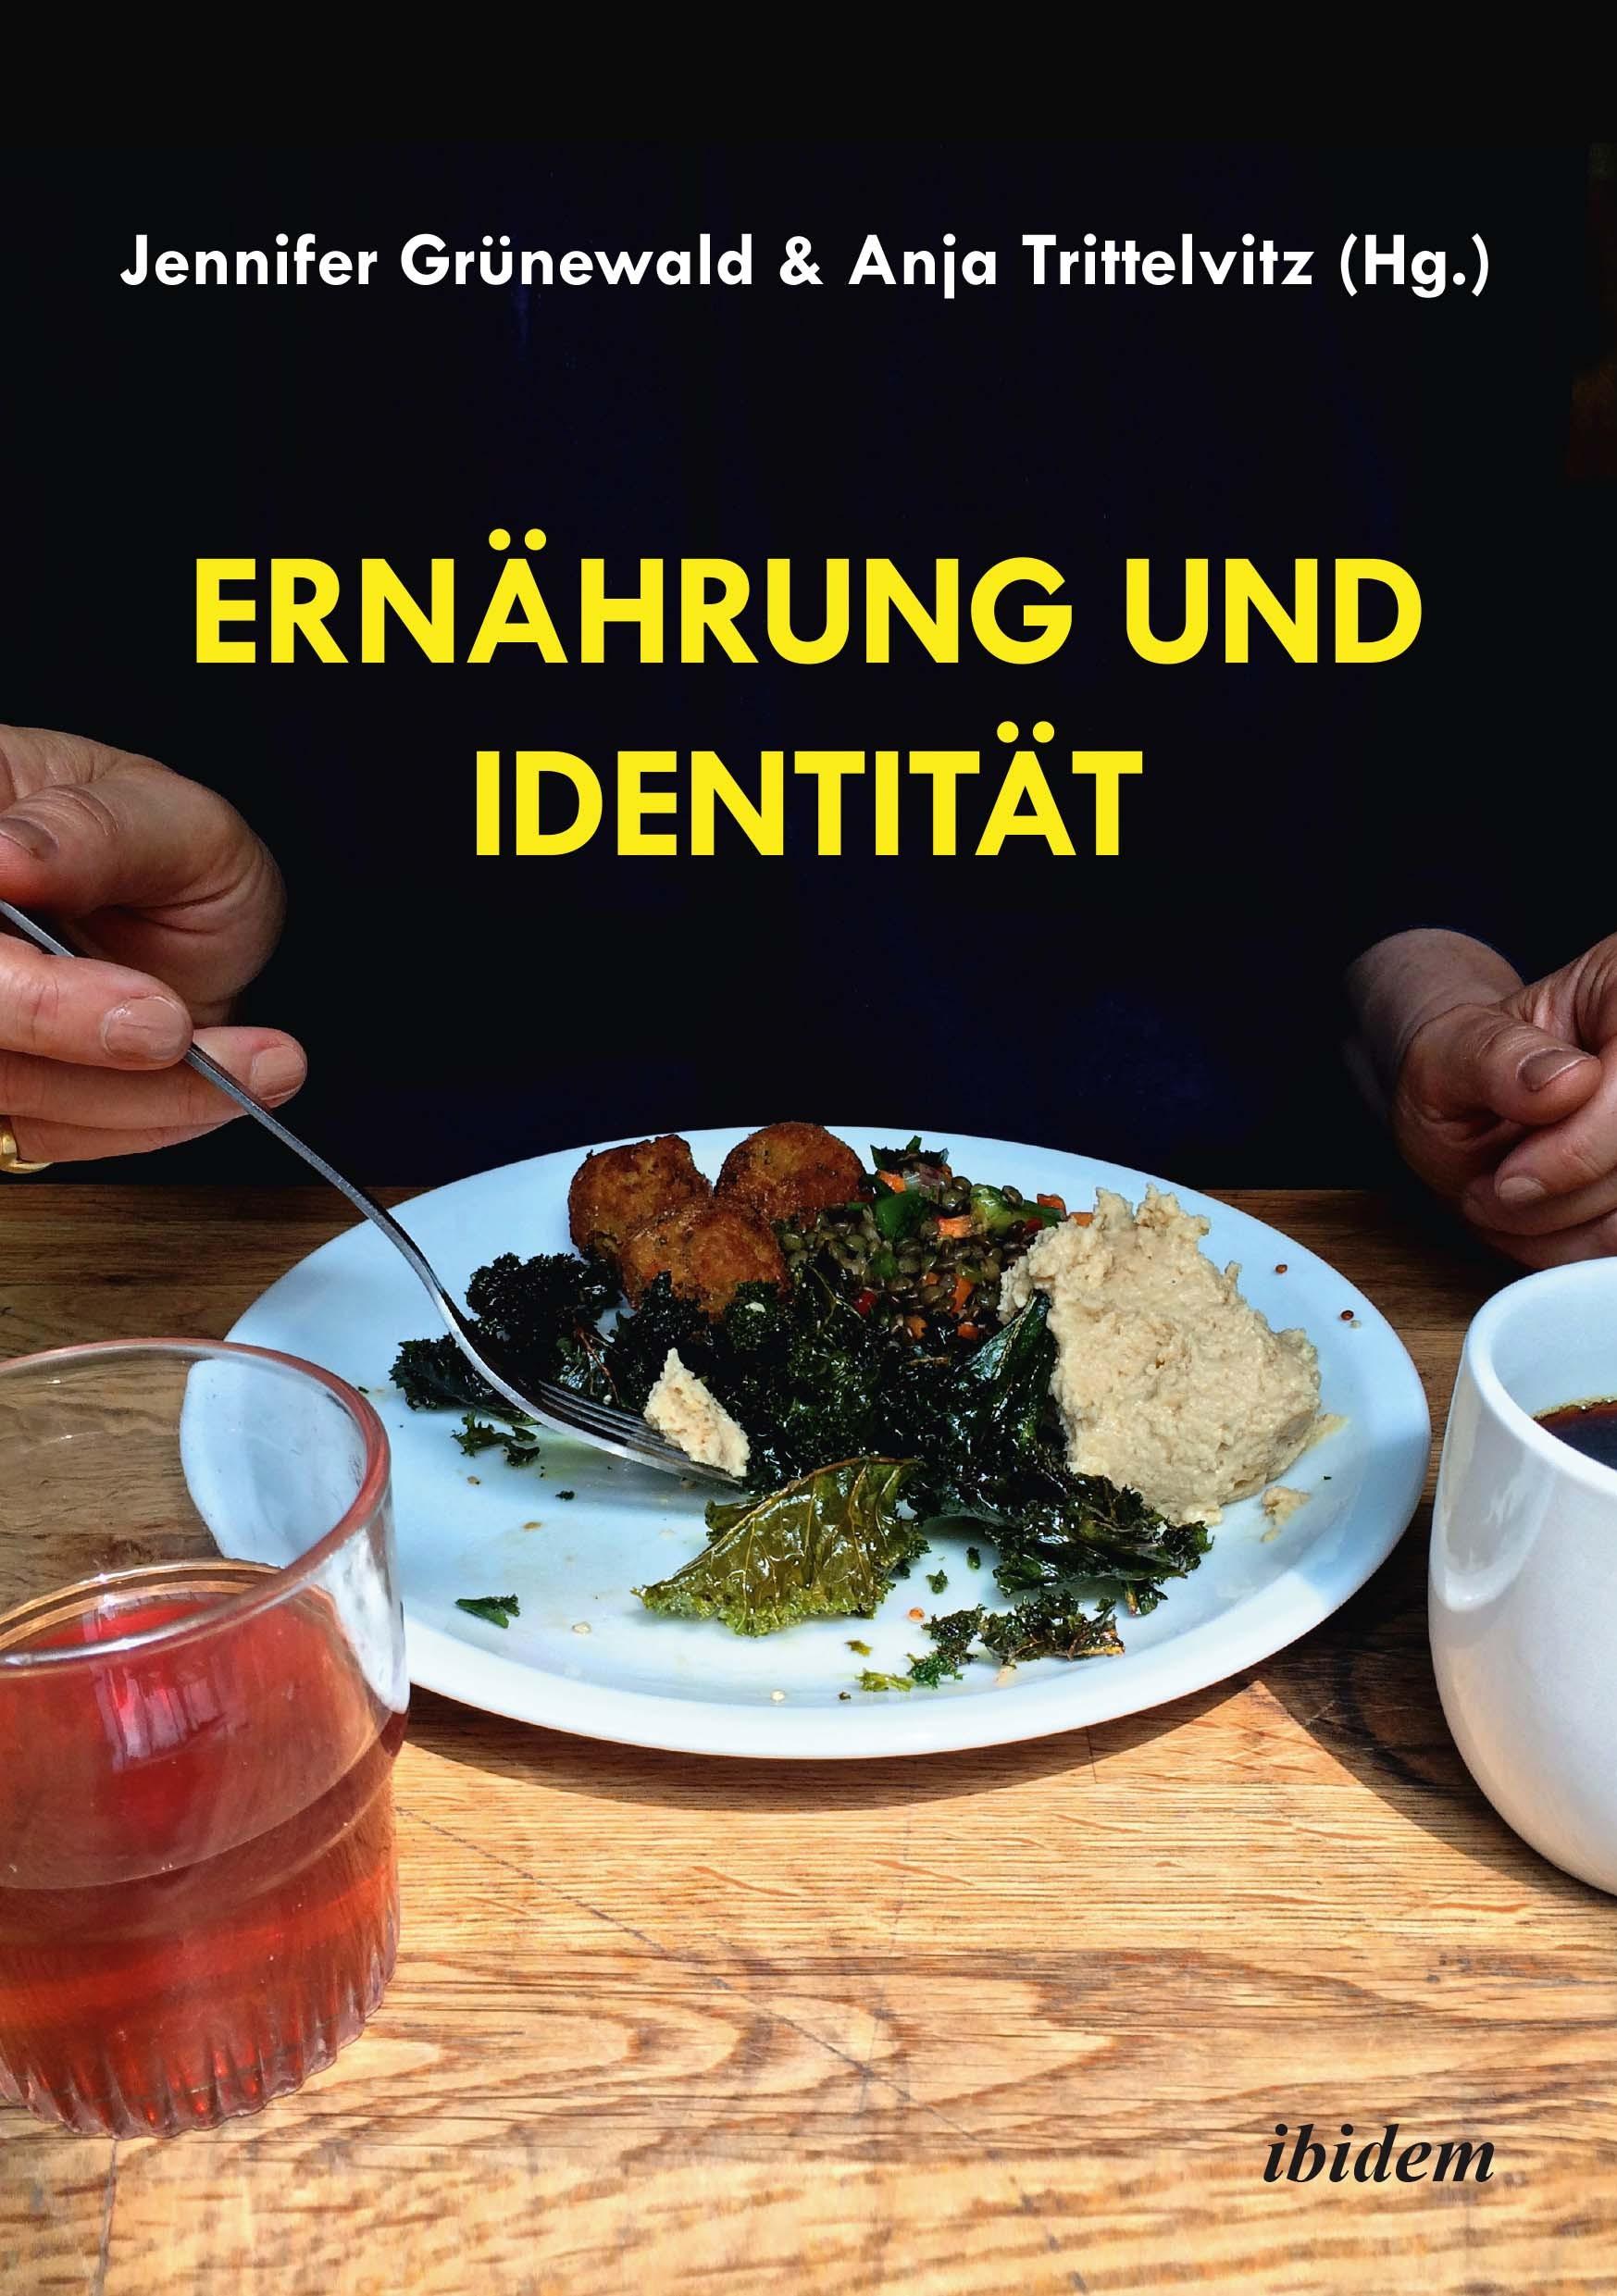 Ernährung und Identität